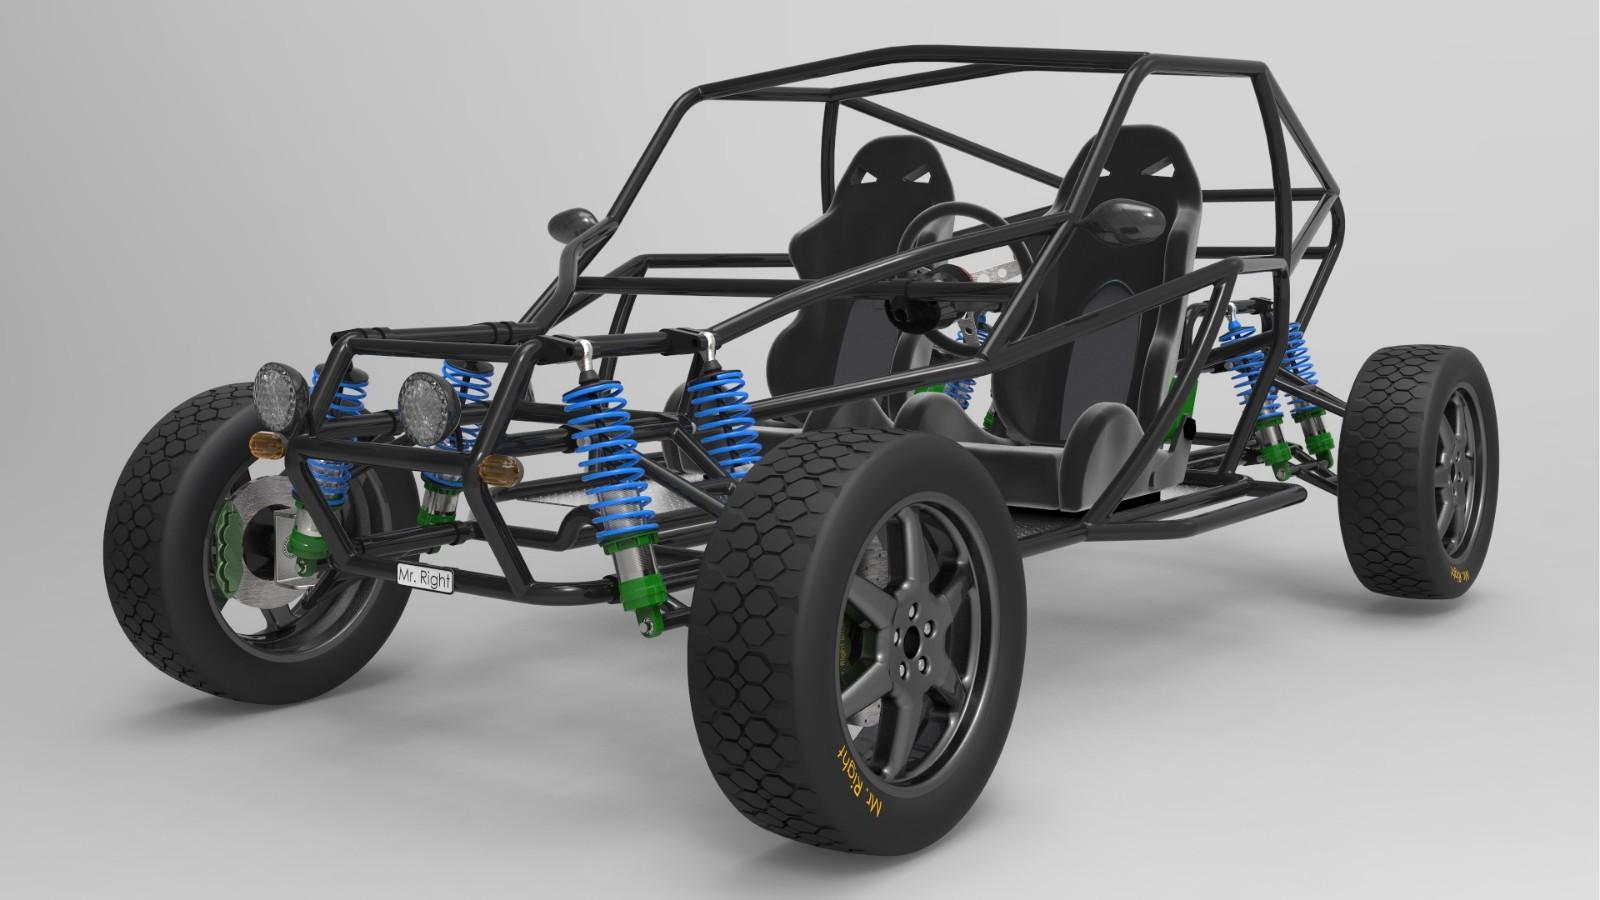 【模型】用SolidWorks软件画一款拉风の越野车